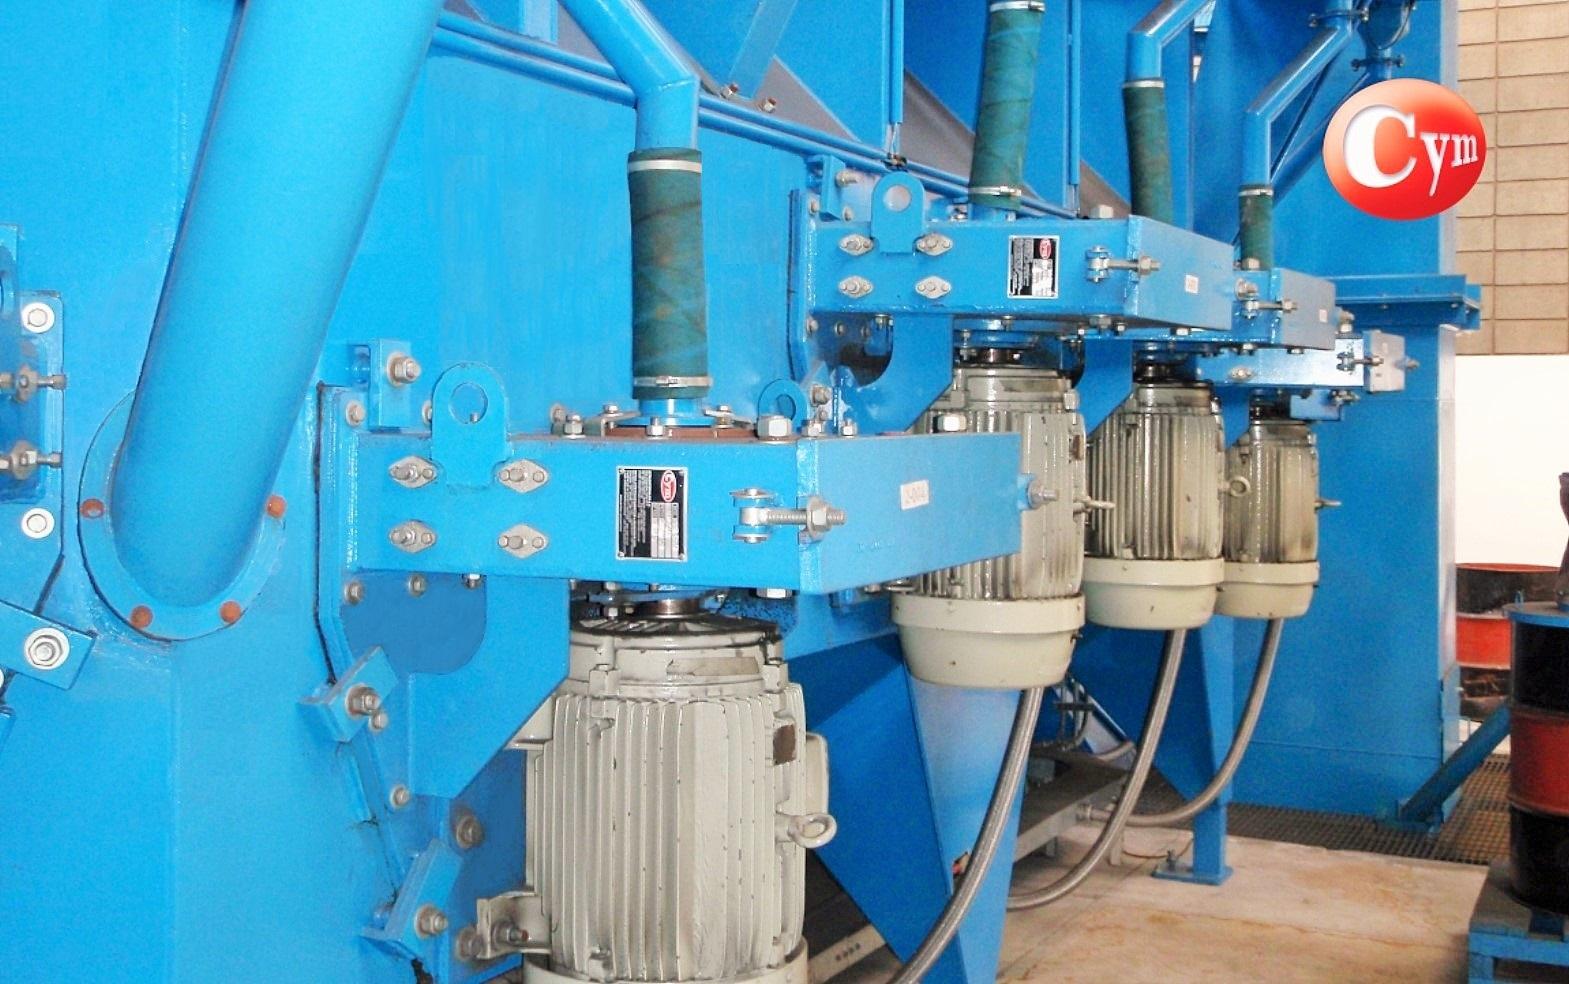 Turbinas-de-Granallado-en-equipo-coil-cym-tr600